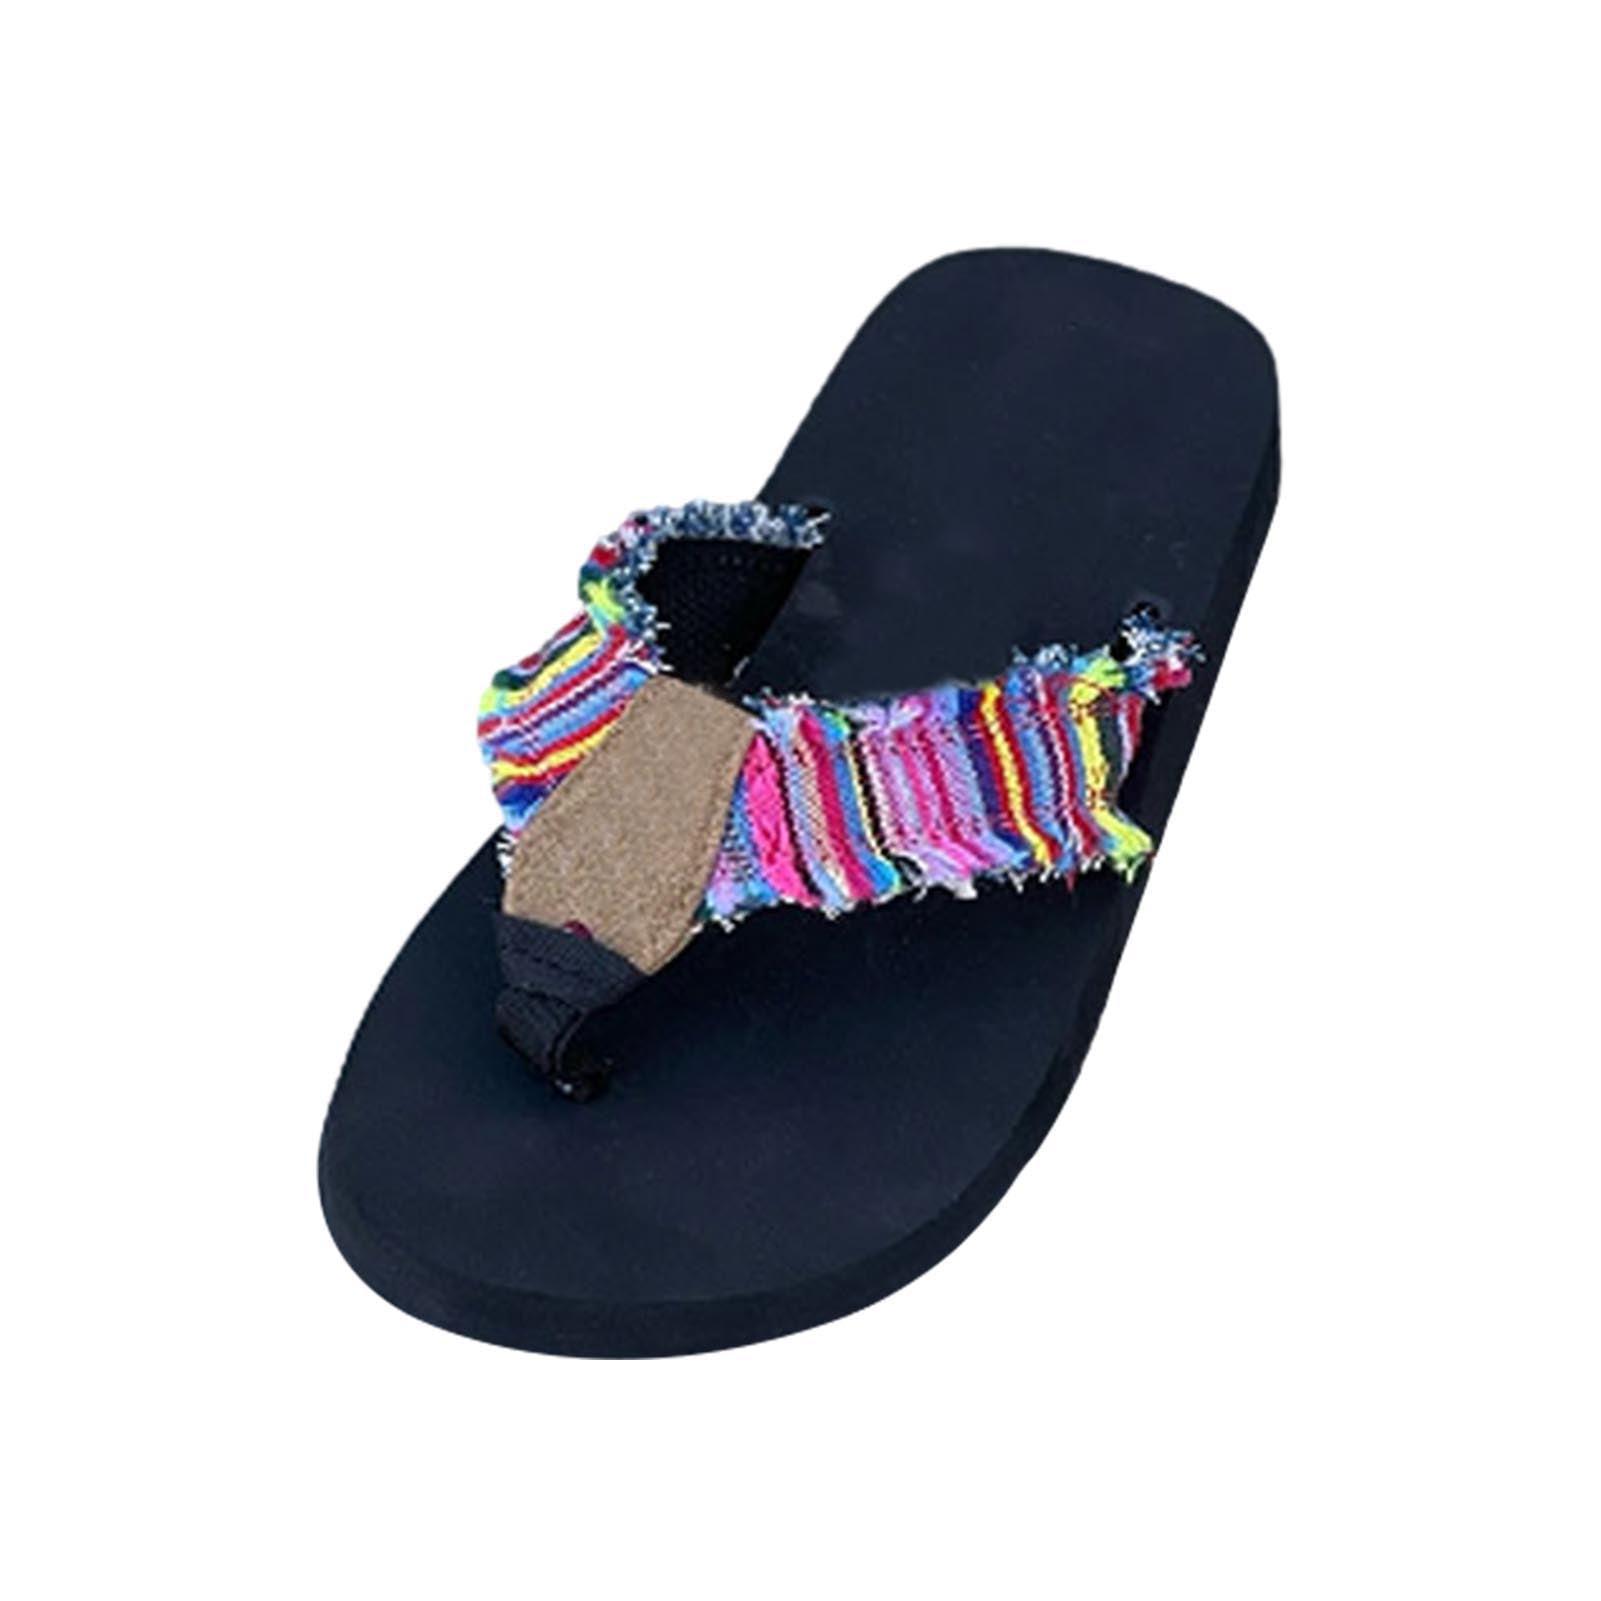 Details about  /Flip Flops Sandals Women Children Flop Shoes